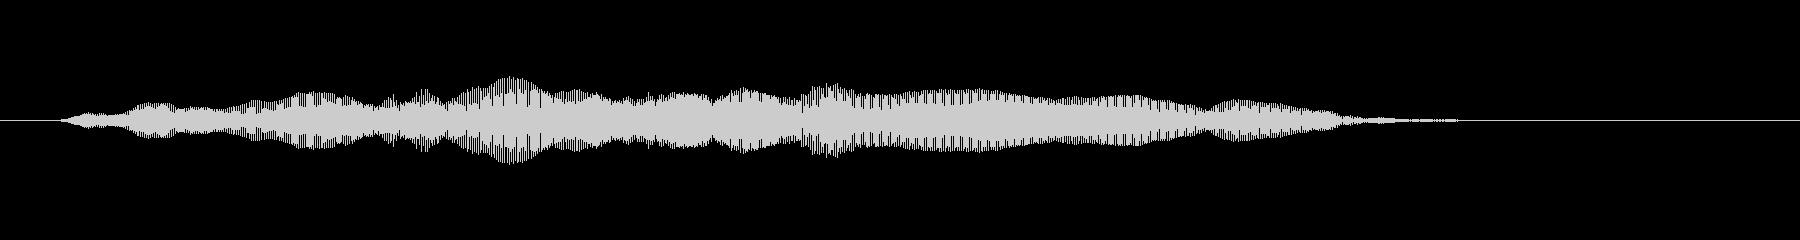 猫の鳴き声4の未再生の波形